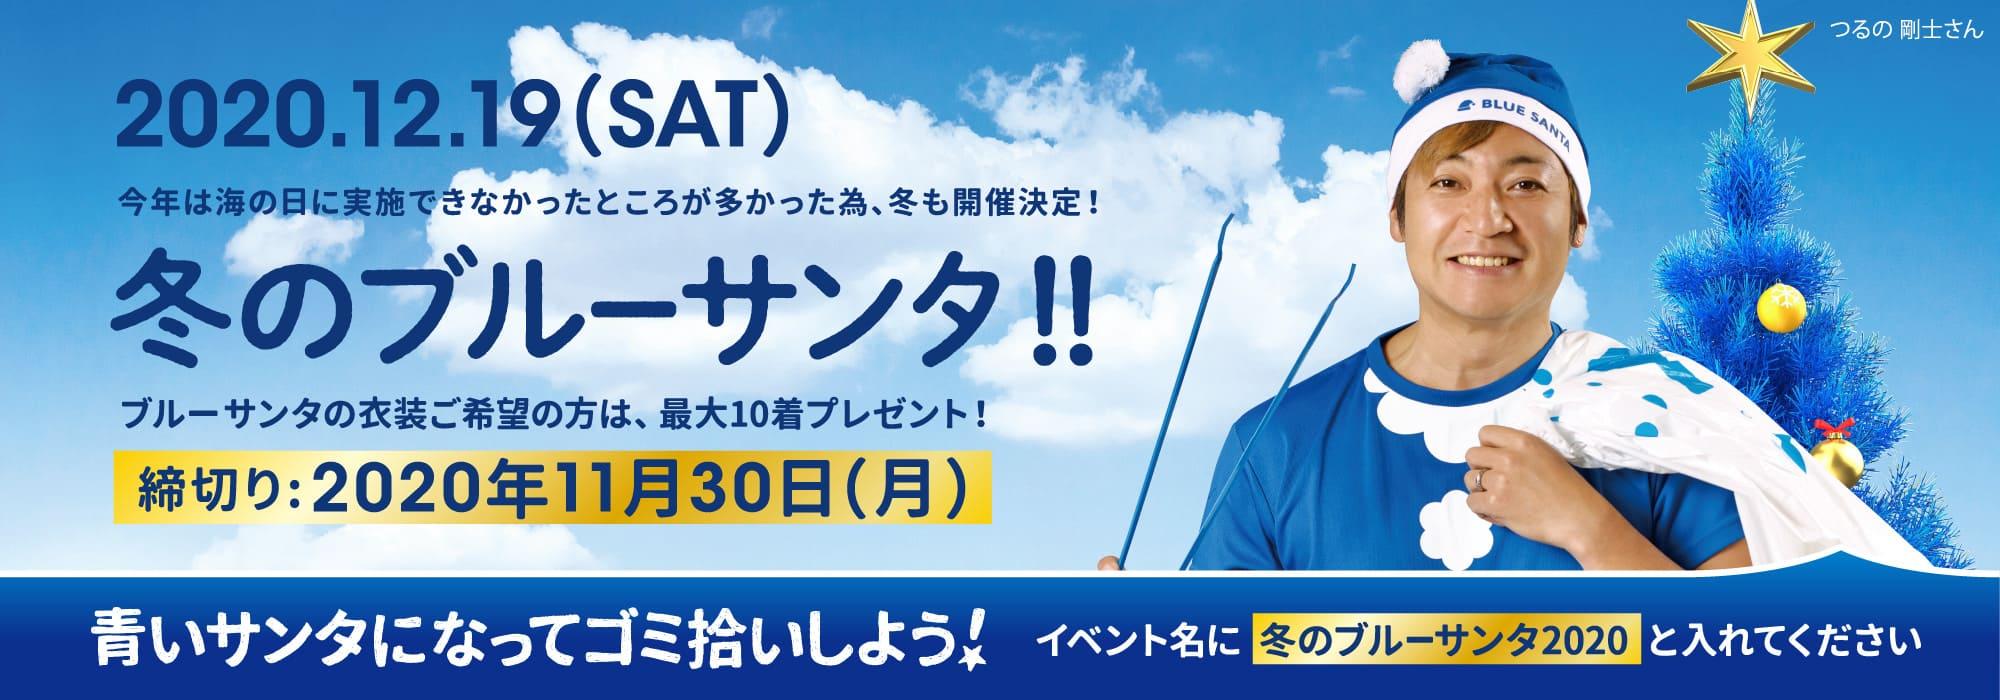 海の日に青いサンタクロースになって海を想い、日本全国で楽しくゴミ拾い